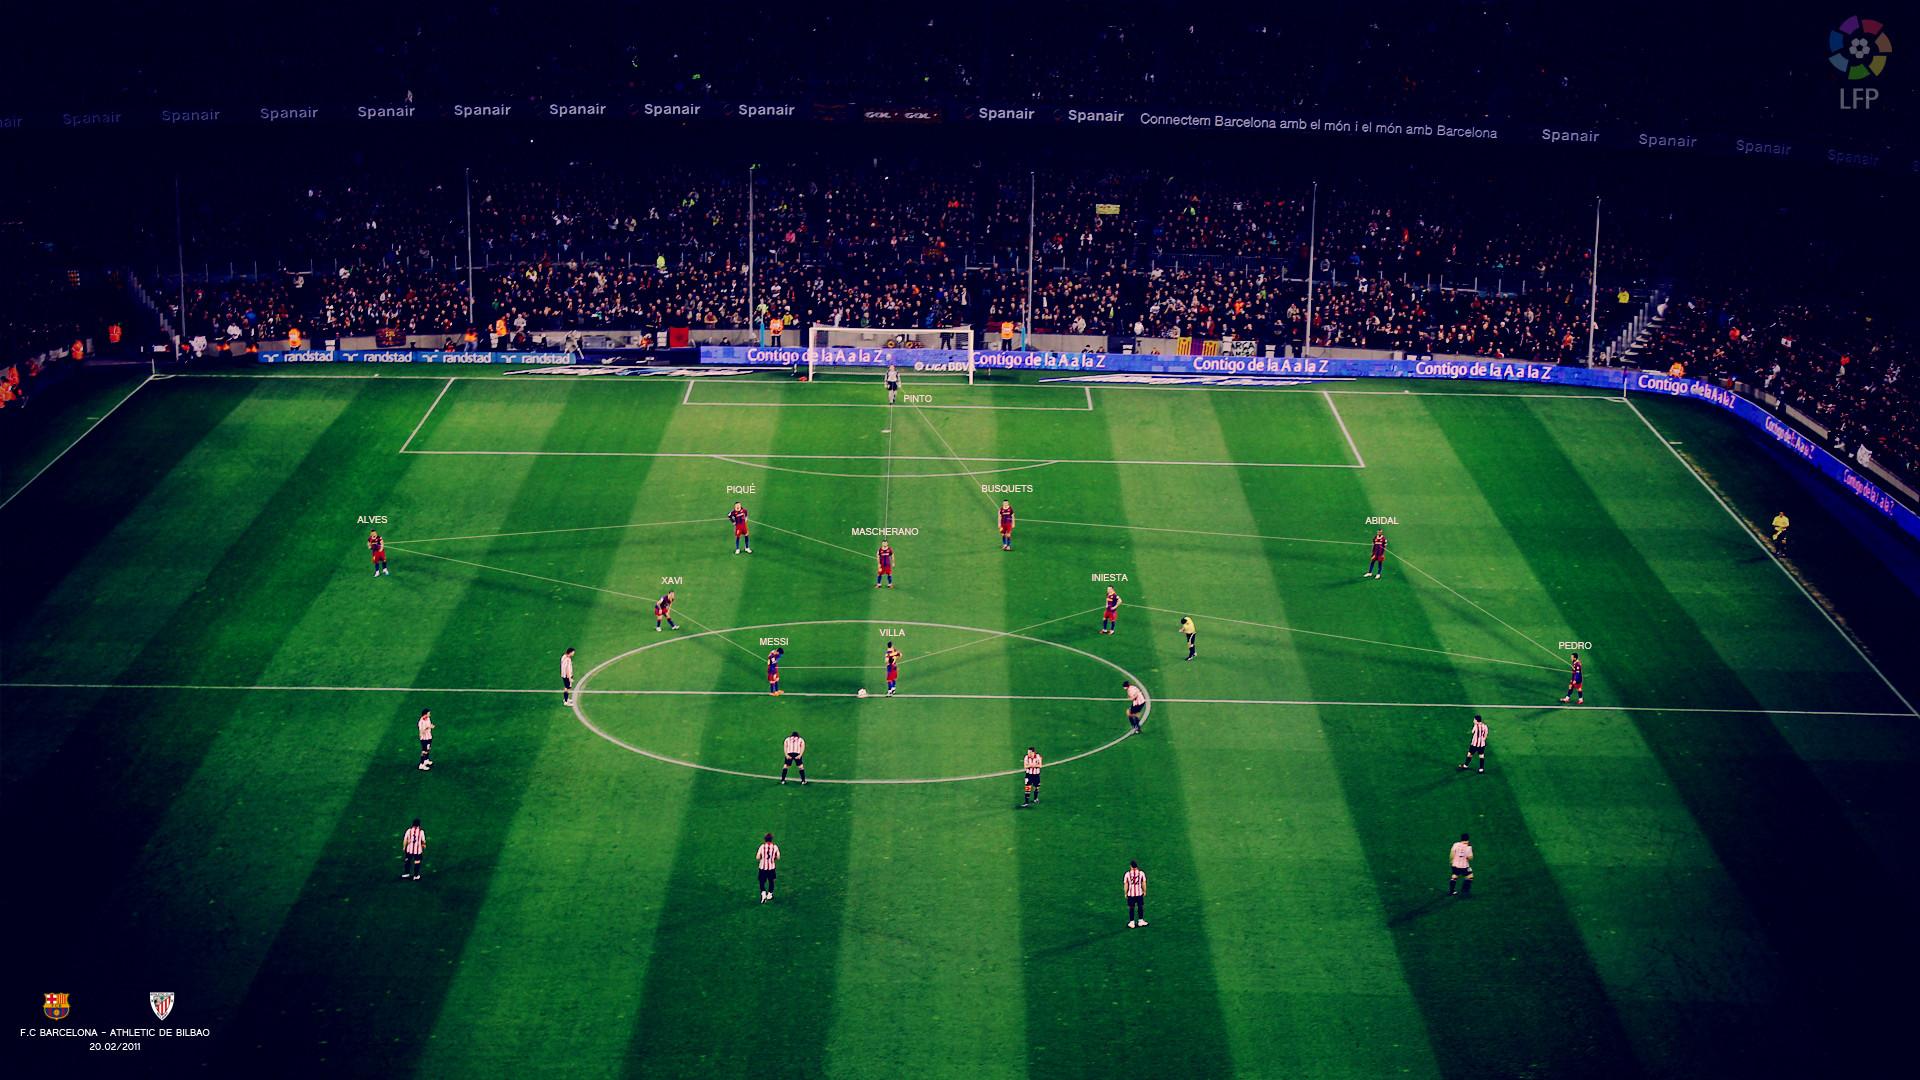 Soccer Stadium widescreen wallpaper